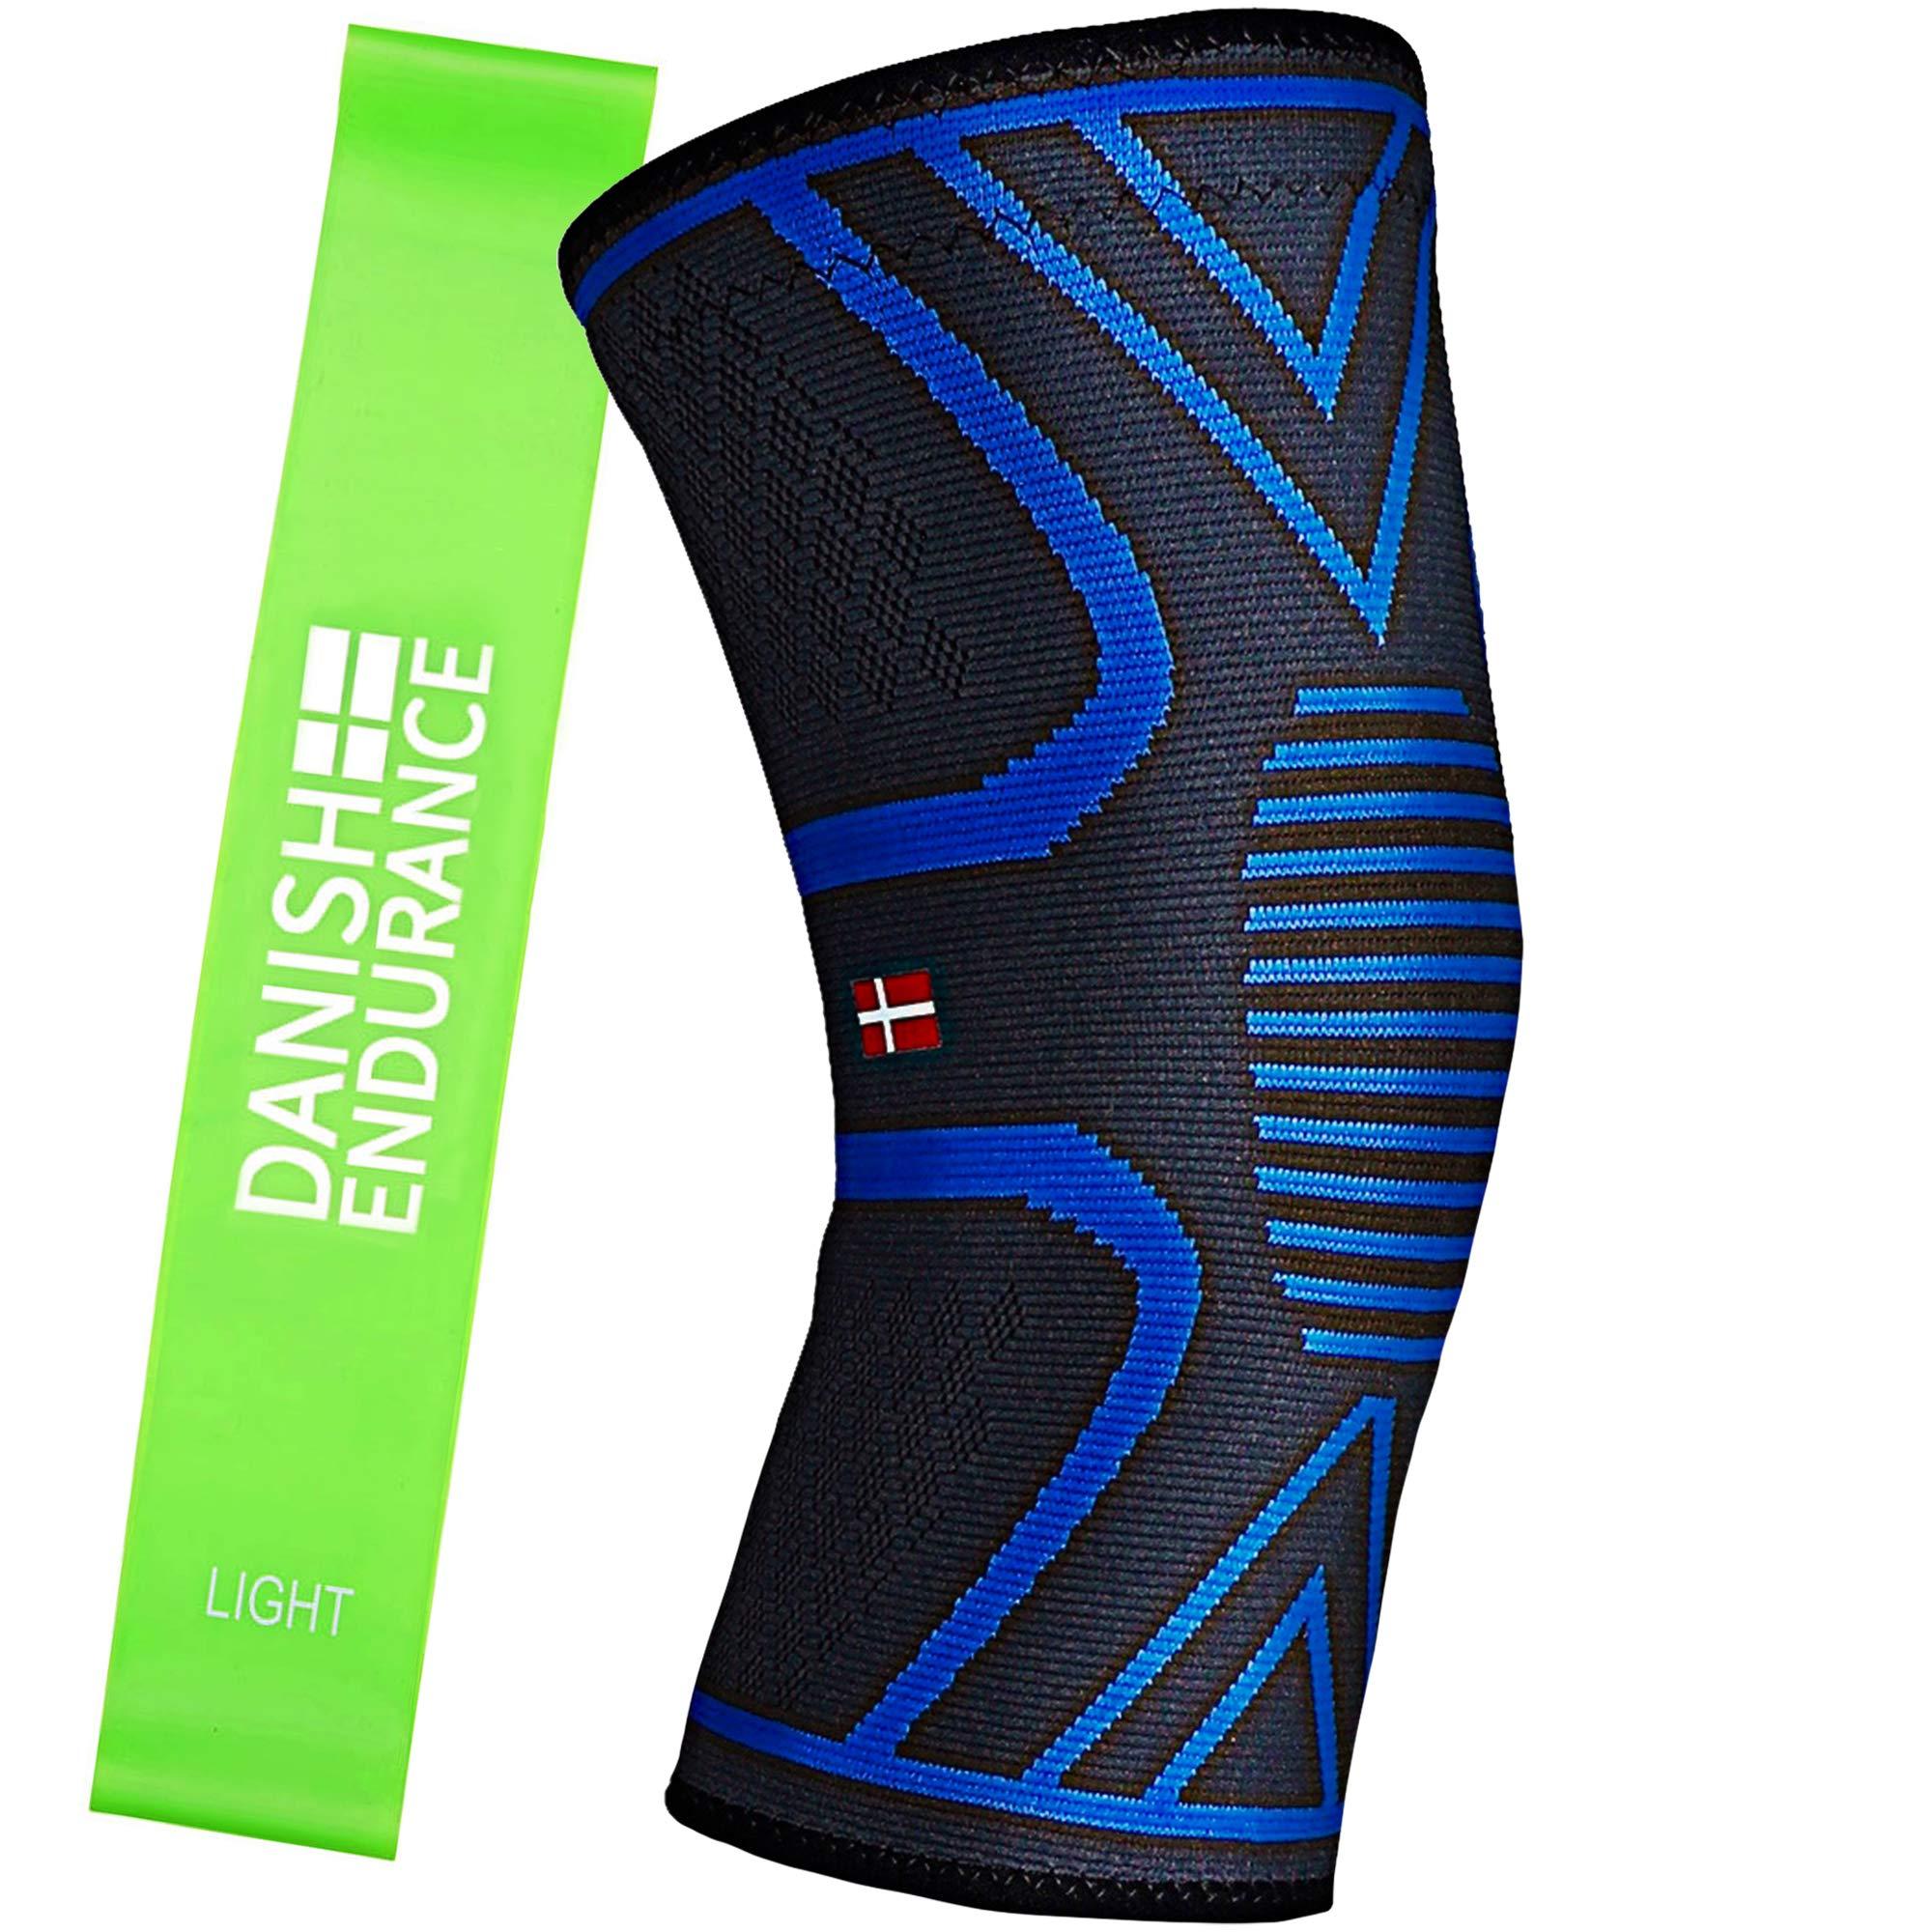 Rodillera Deportiva incluida Banda de Ejercicio DANISH ENDURANCE, soporte y compresión para correr, crossfit